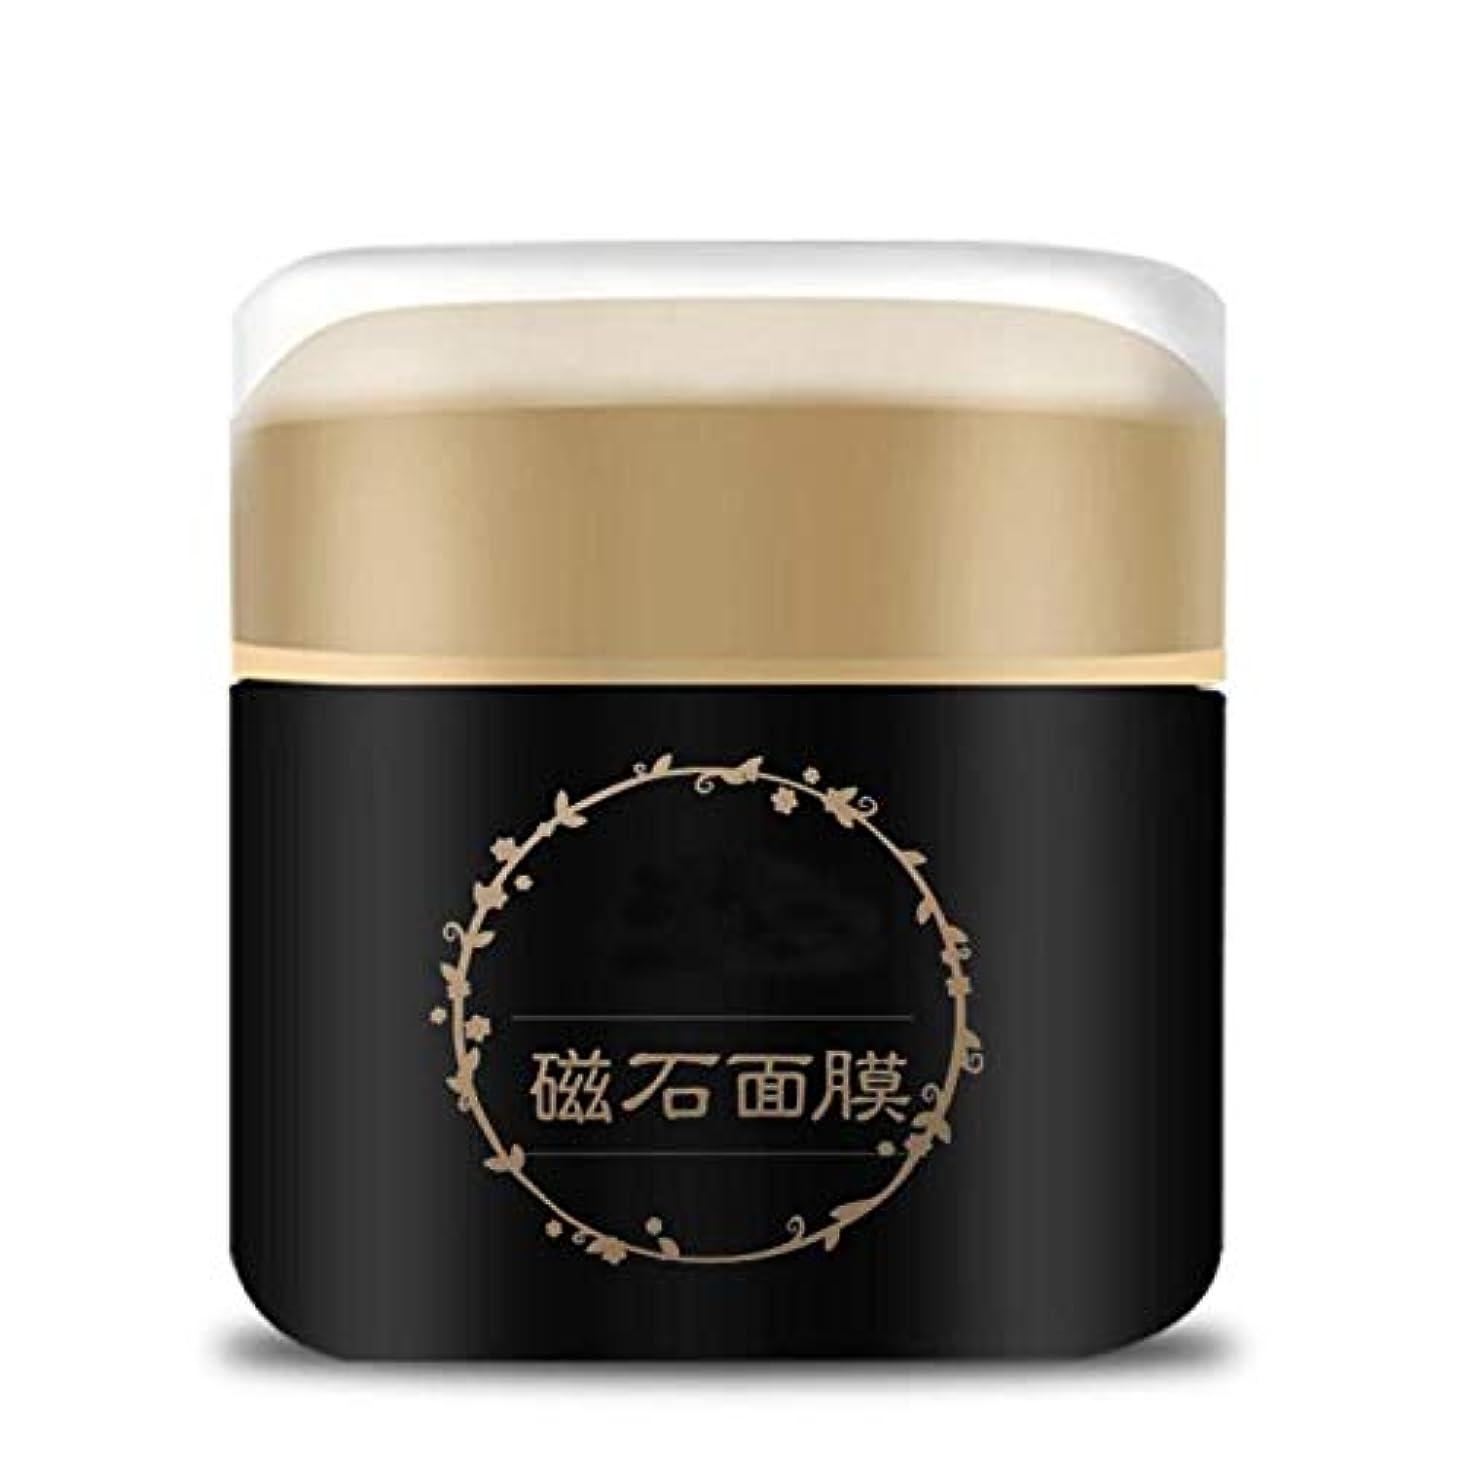 ブラックラスターマスク 磁気マスク フェイシャルスキンケア 自然成分 ミネラルリッチ ディープクレンジングポア 人気があり60g